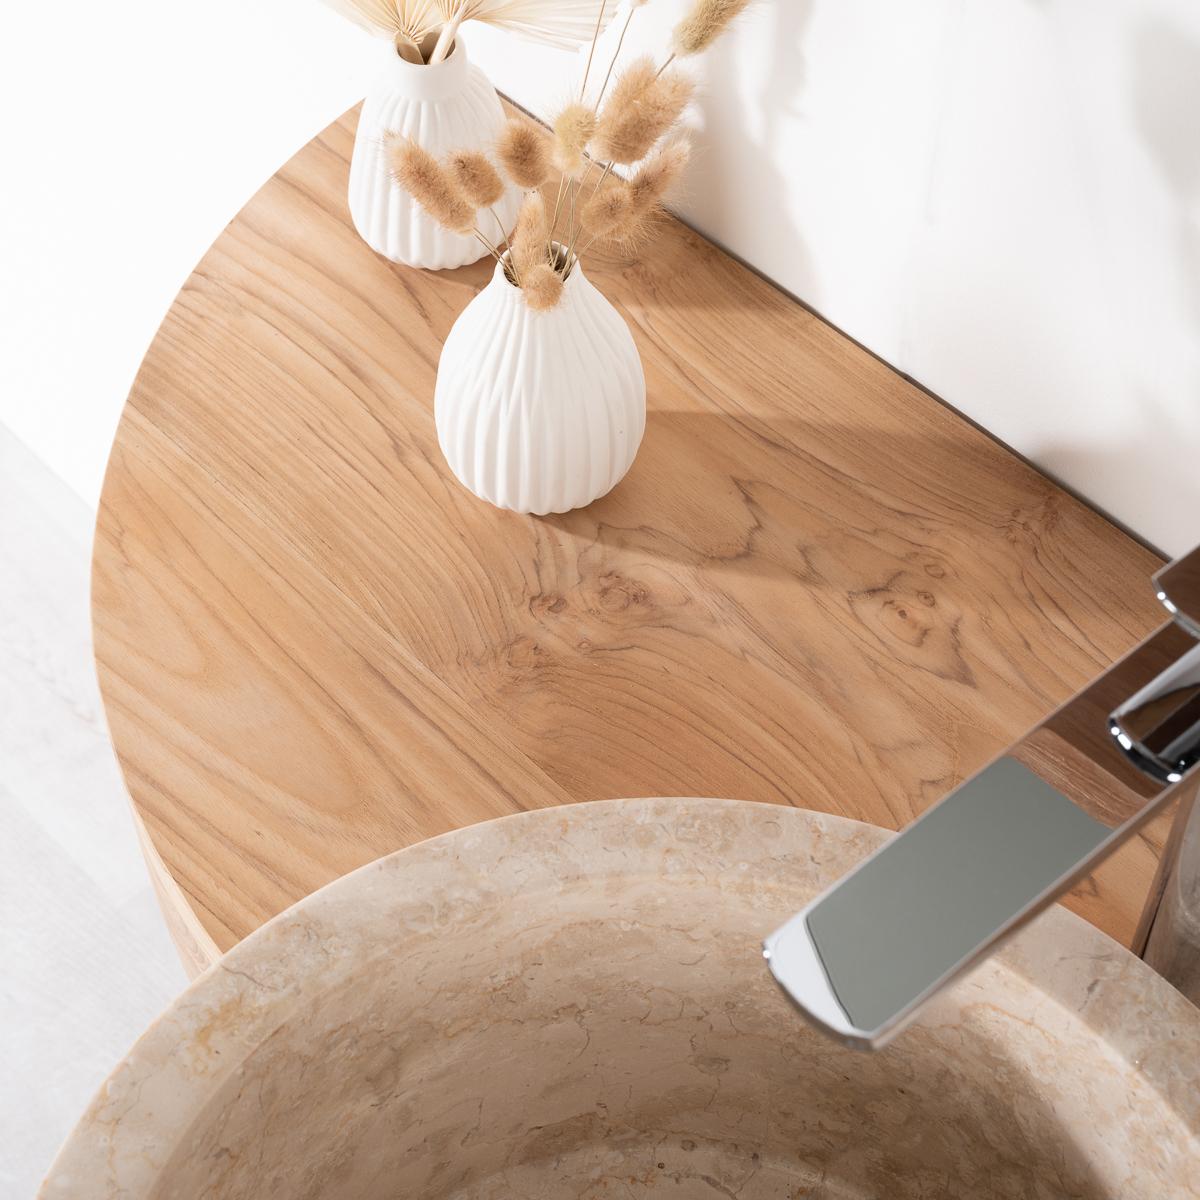 Meuble sous vasque (simple vasque) en bois (teck) massif + vasque en marbre Florence, naturel  # Meuble Sous Vasque Bois Naturel